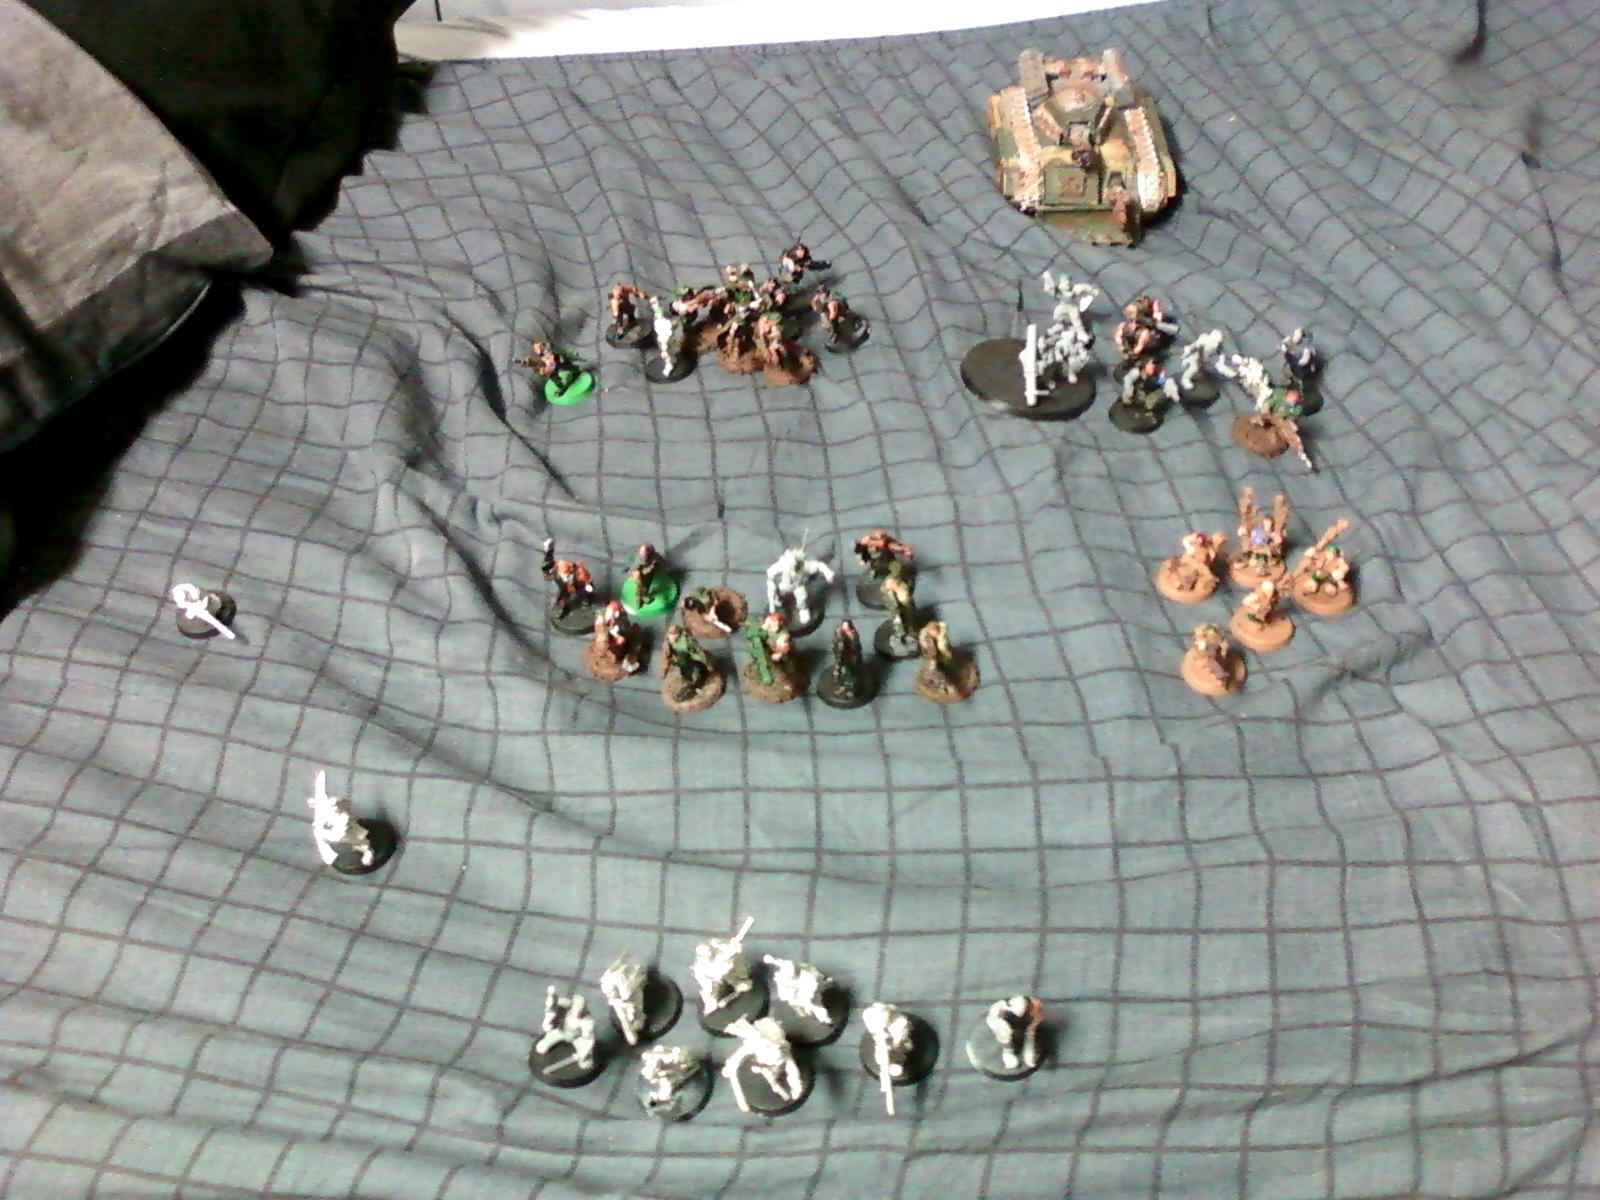 Gaunt%27s Ghosts, Gaunt's Ghosts, Guardsmen, Tanith